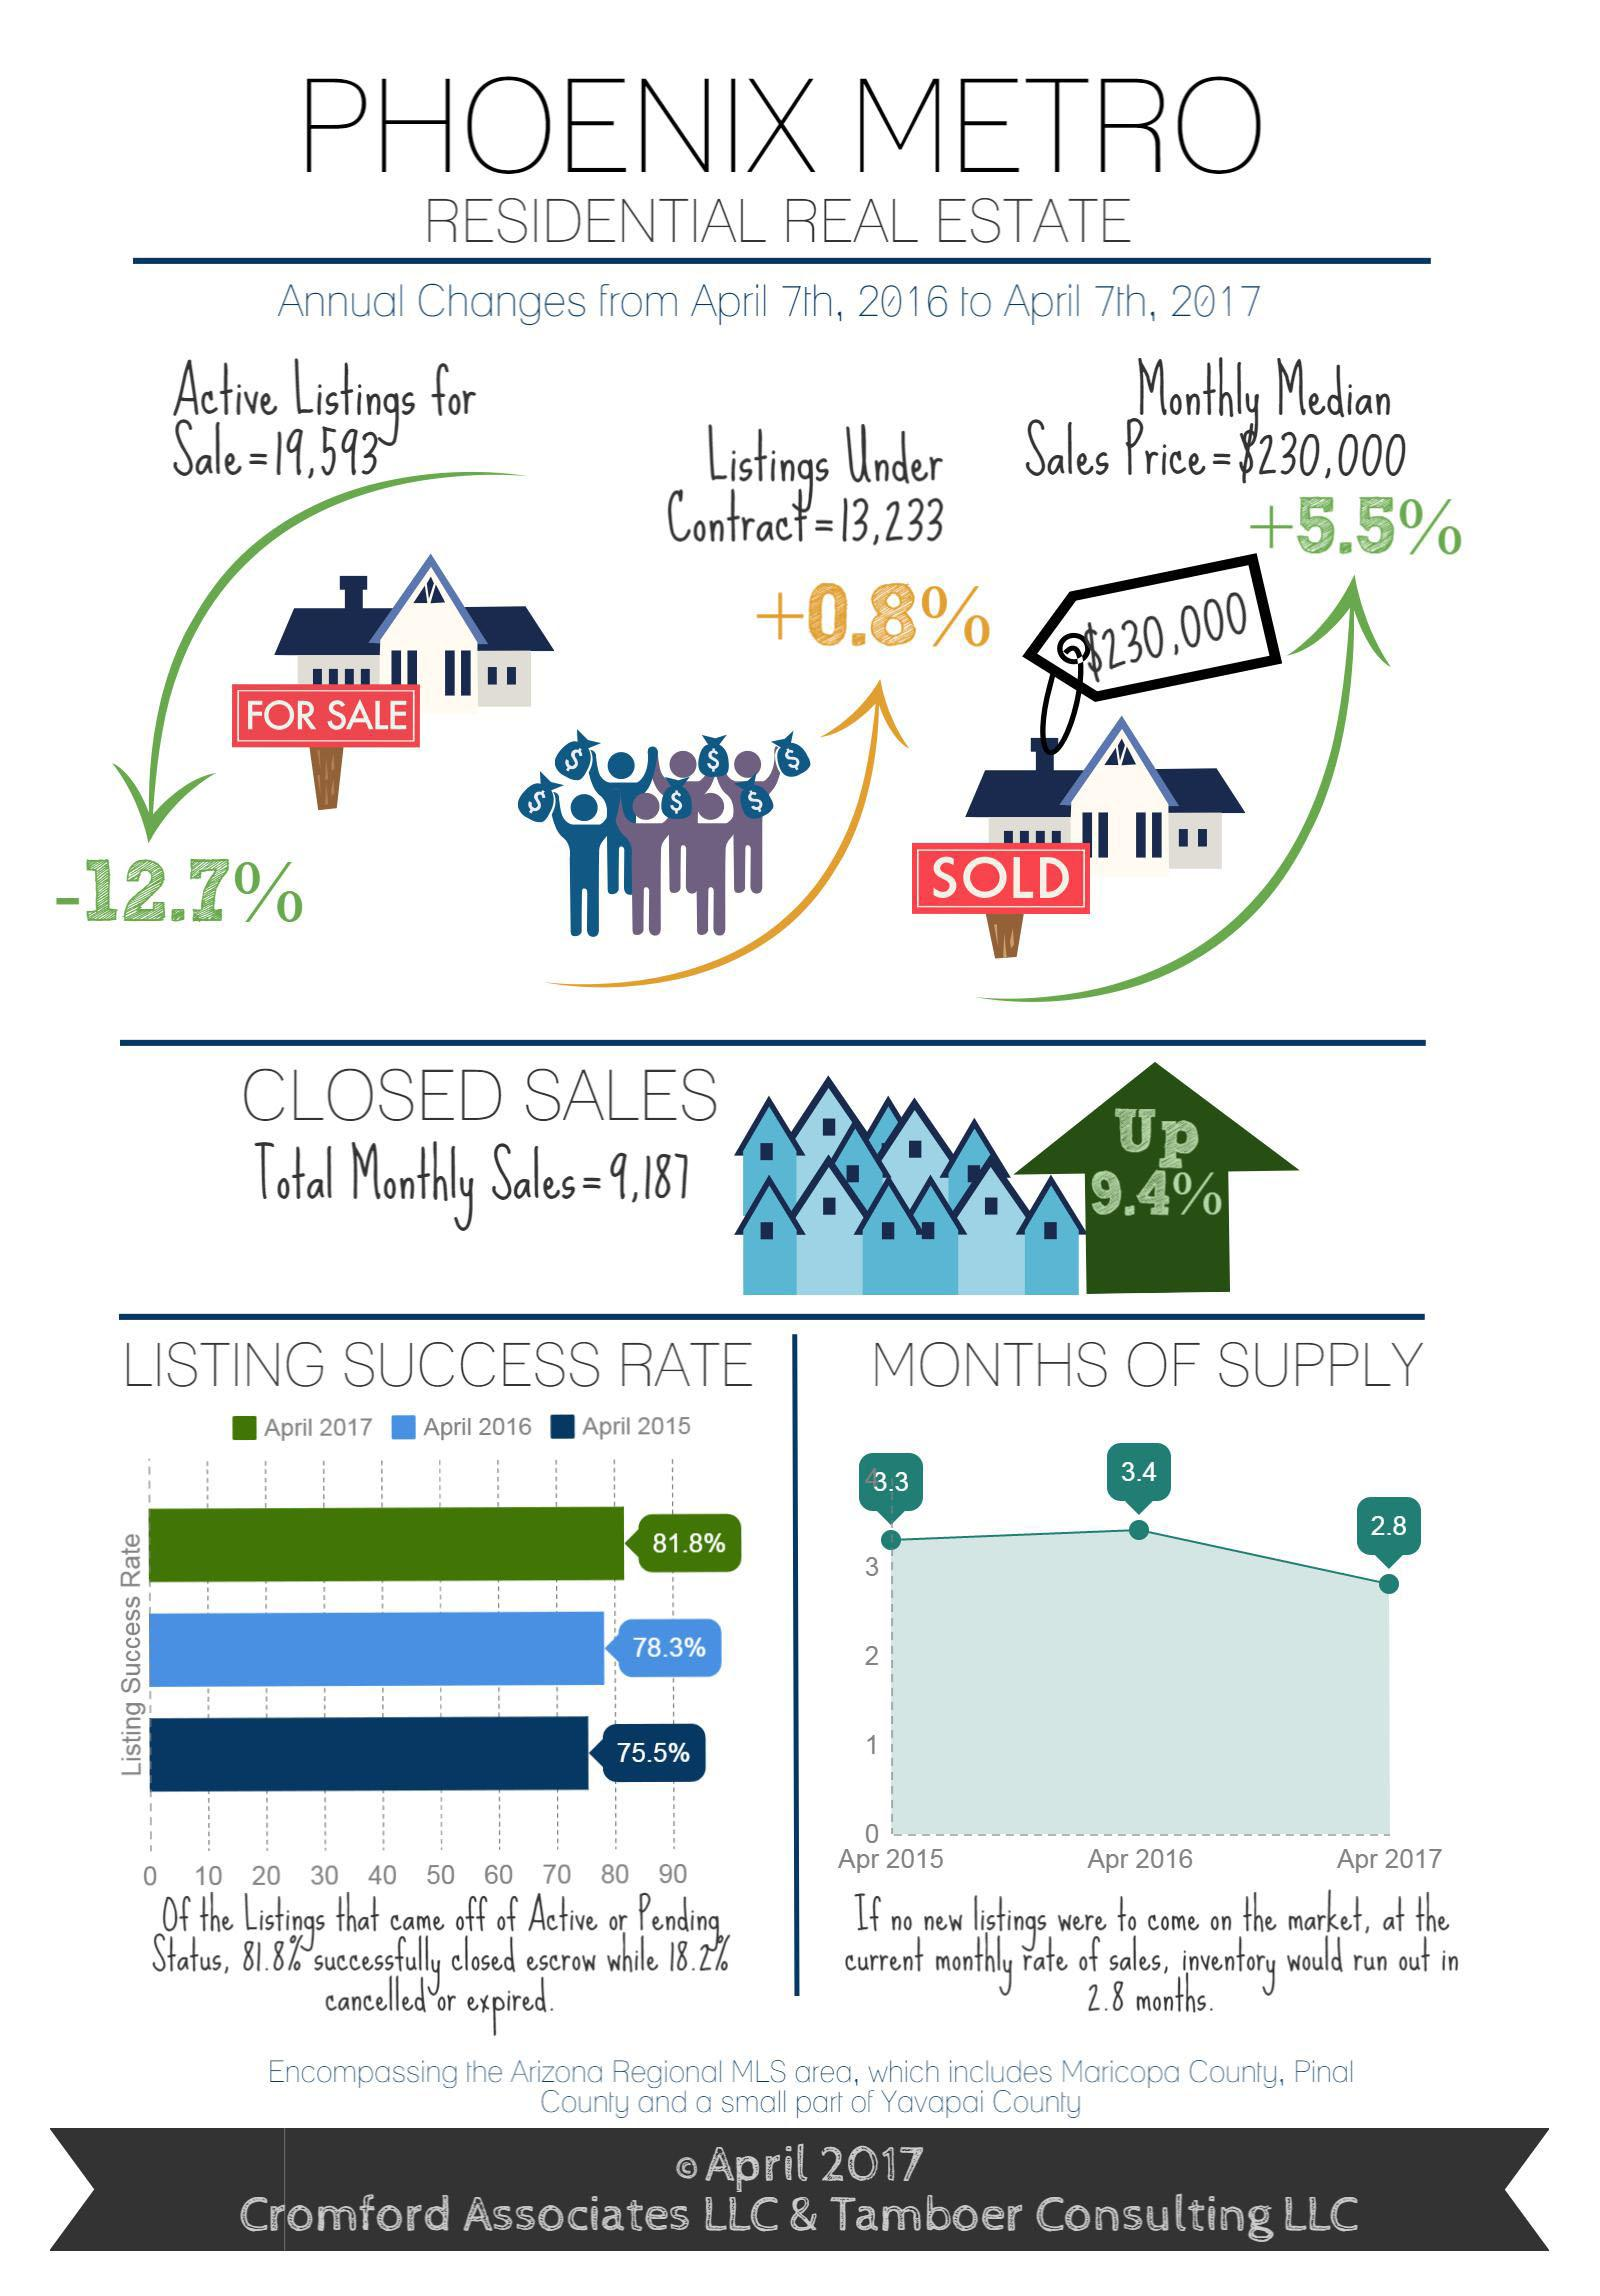 Phoenix-Metro-Infographic-2017-04.jpg